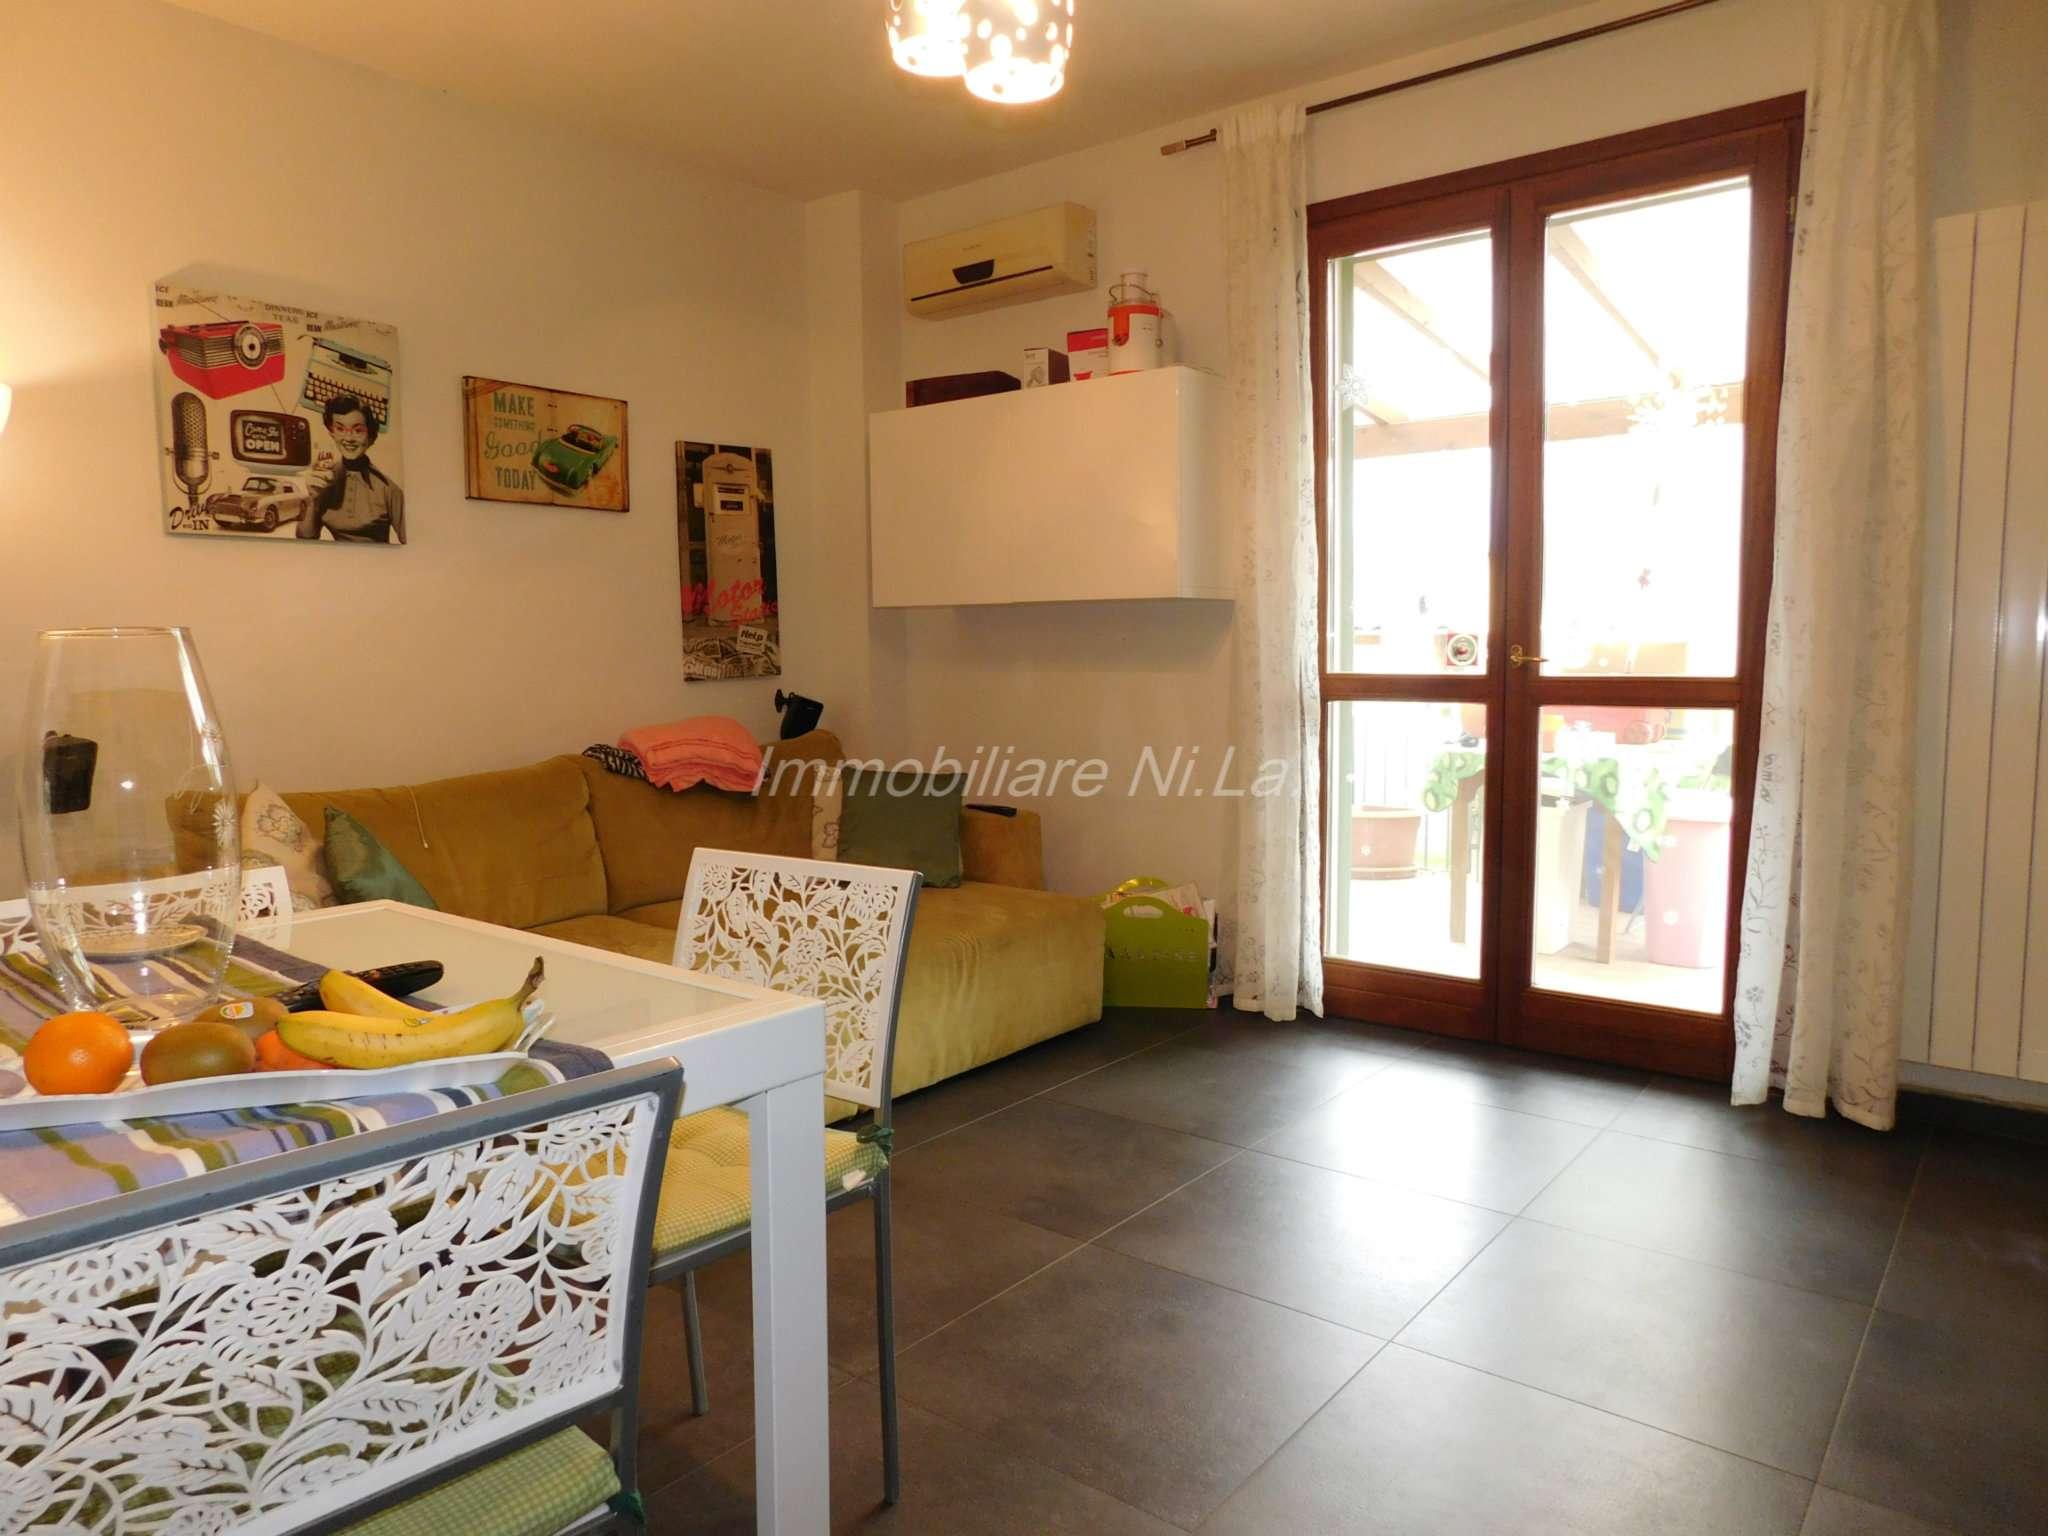 Appartamento con ingresso indipendente libero su tre lati - San Giuliano Terme - Pontasserchio